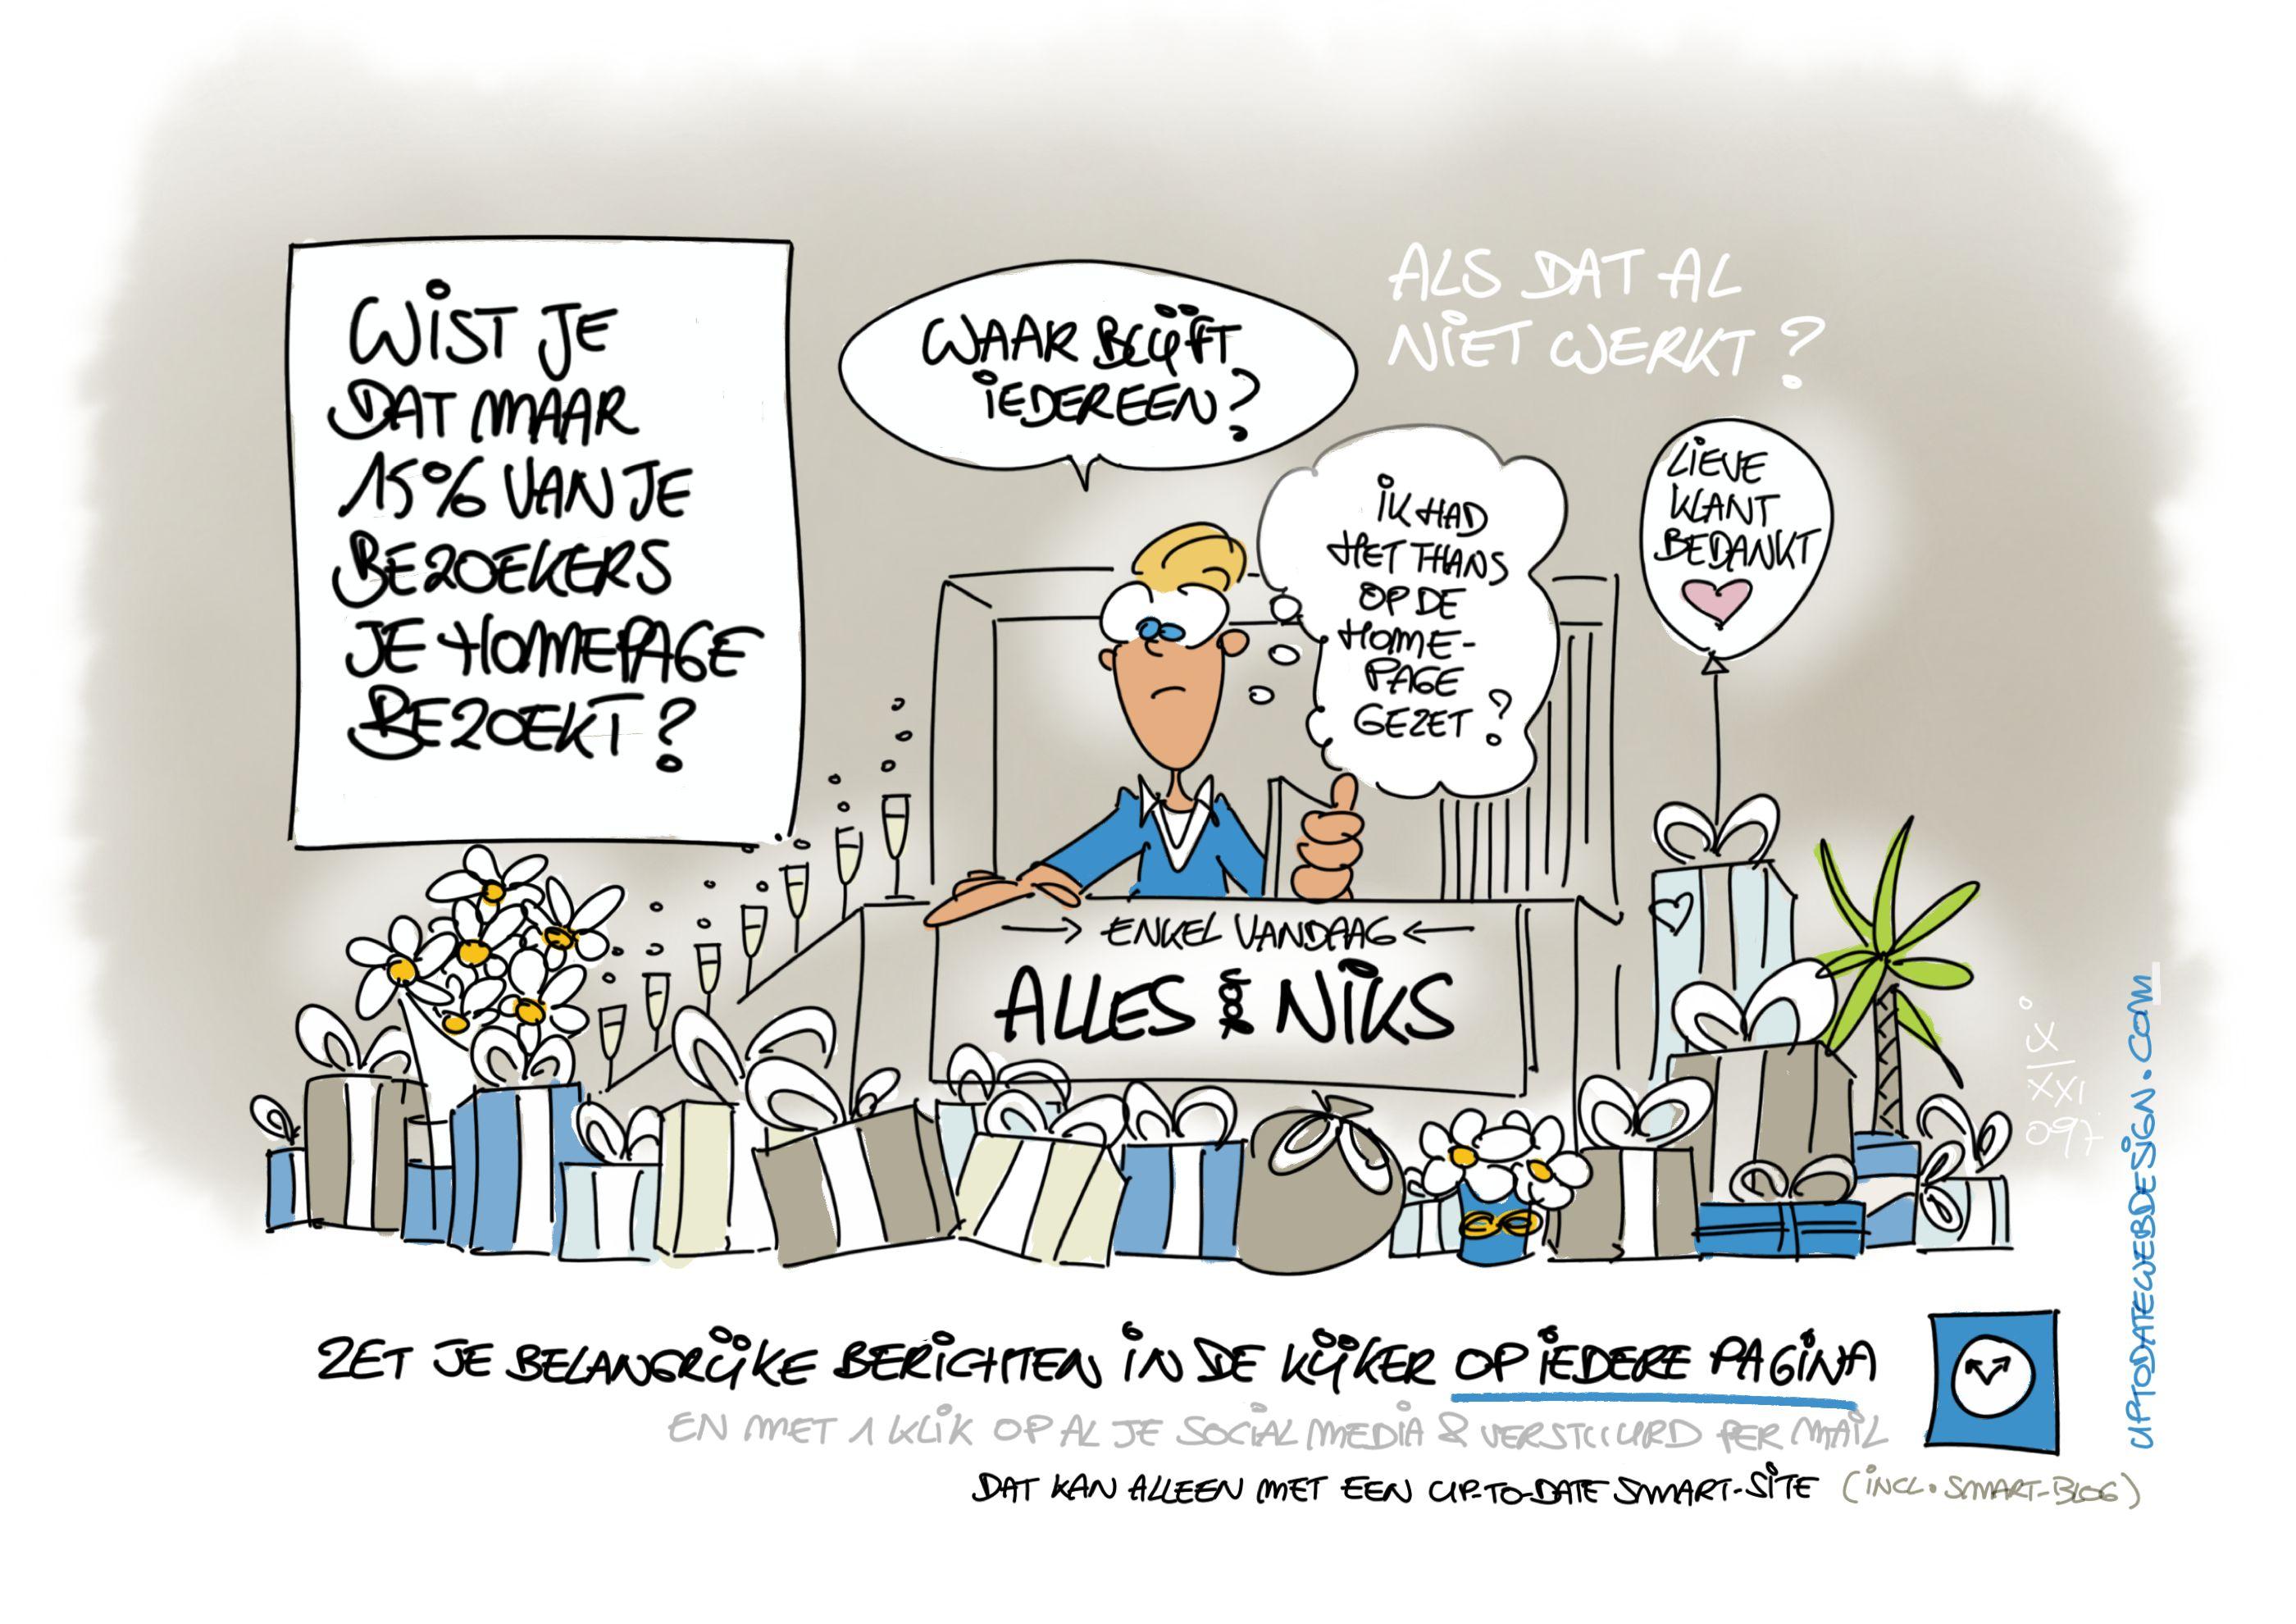 UP-TO-DATE Cartoon 097 - 15% Bezoekers op de homepage - Ivan Jans.PNG